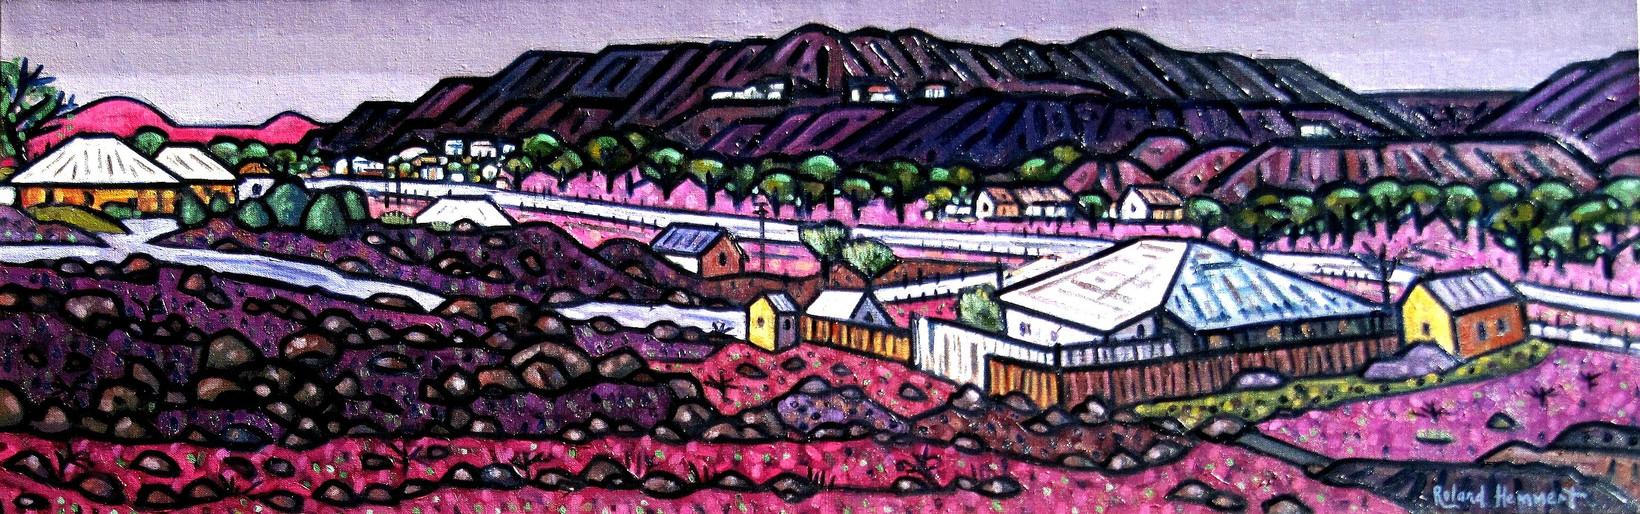 Broken Hill at Dusk.JPG